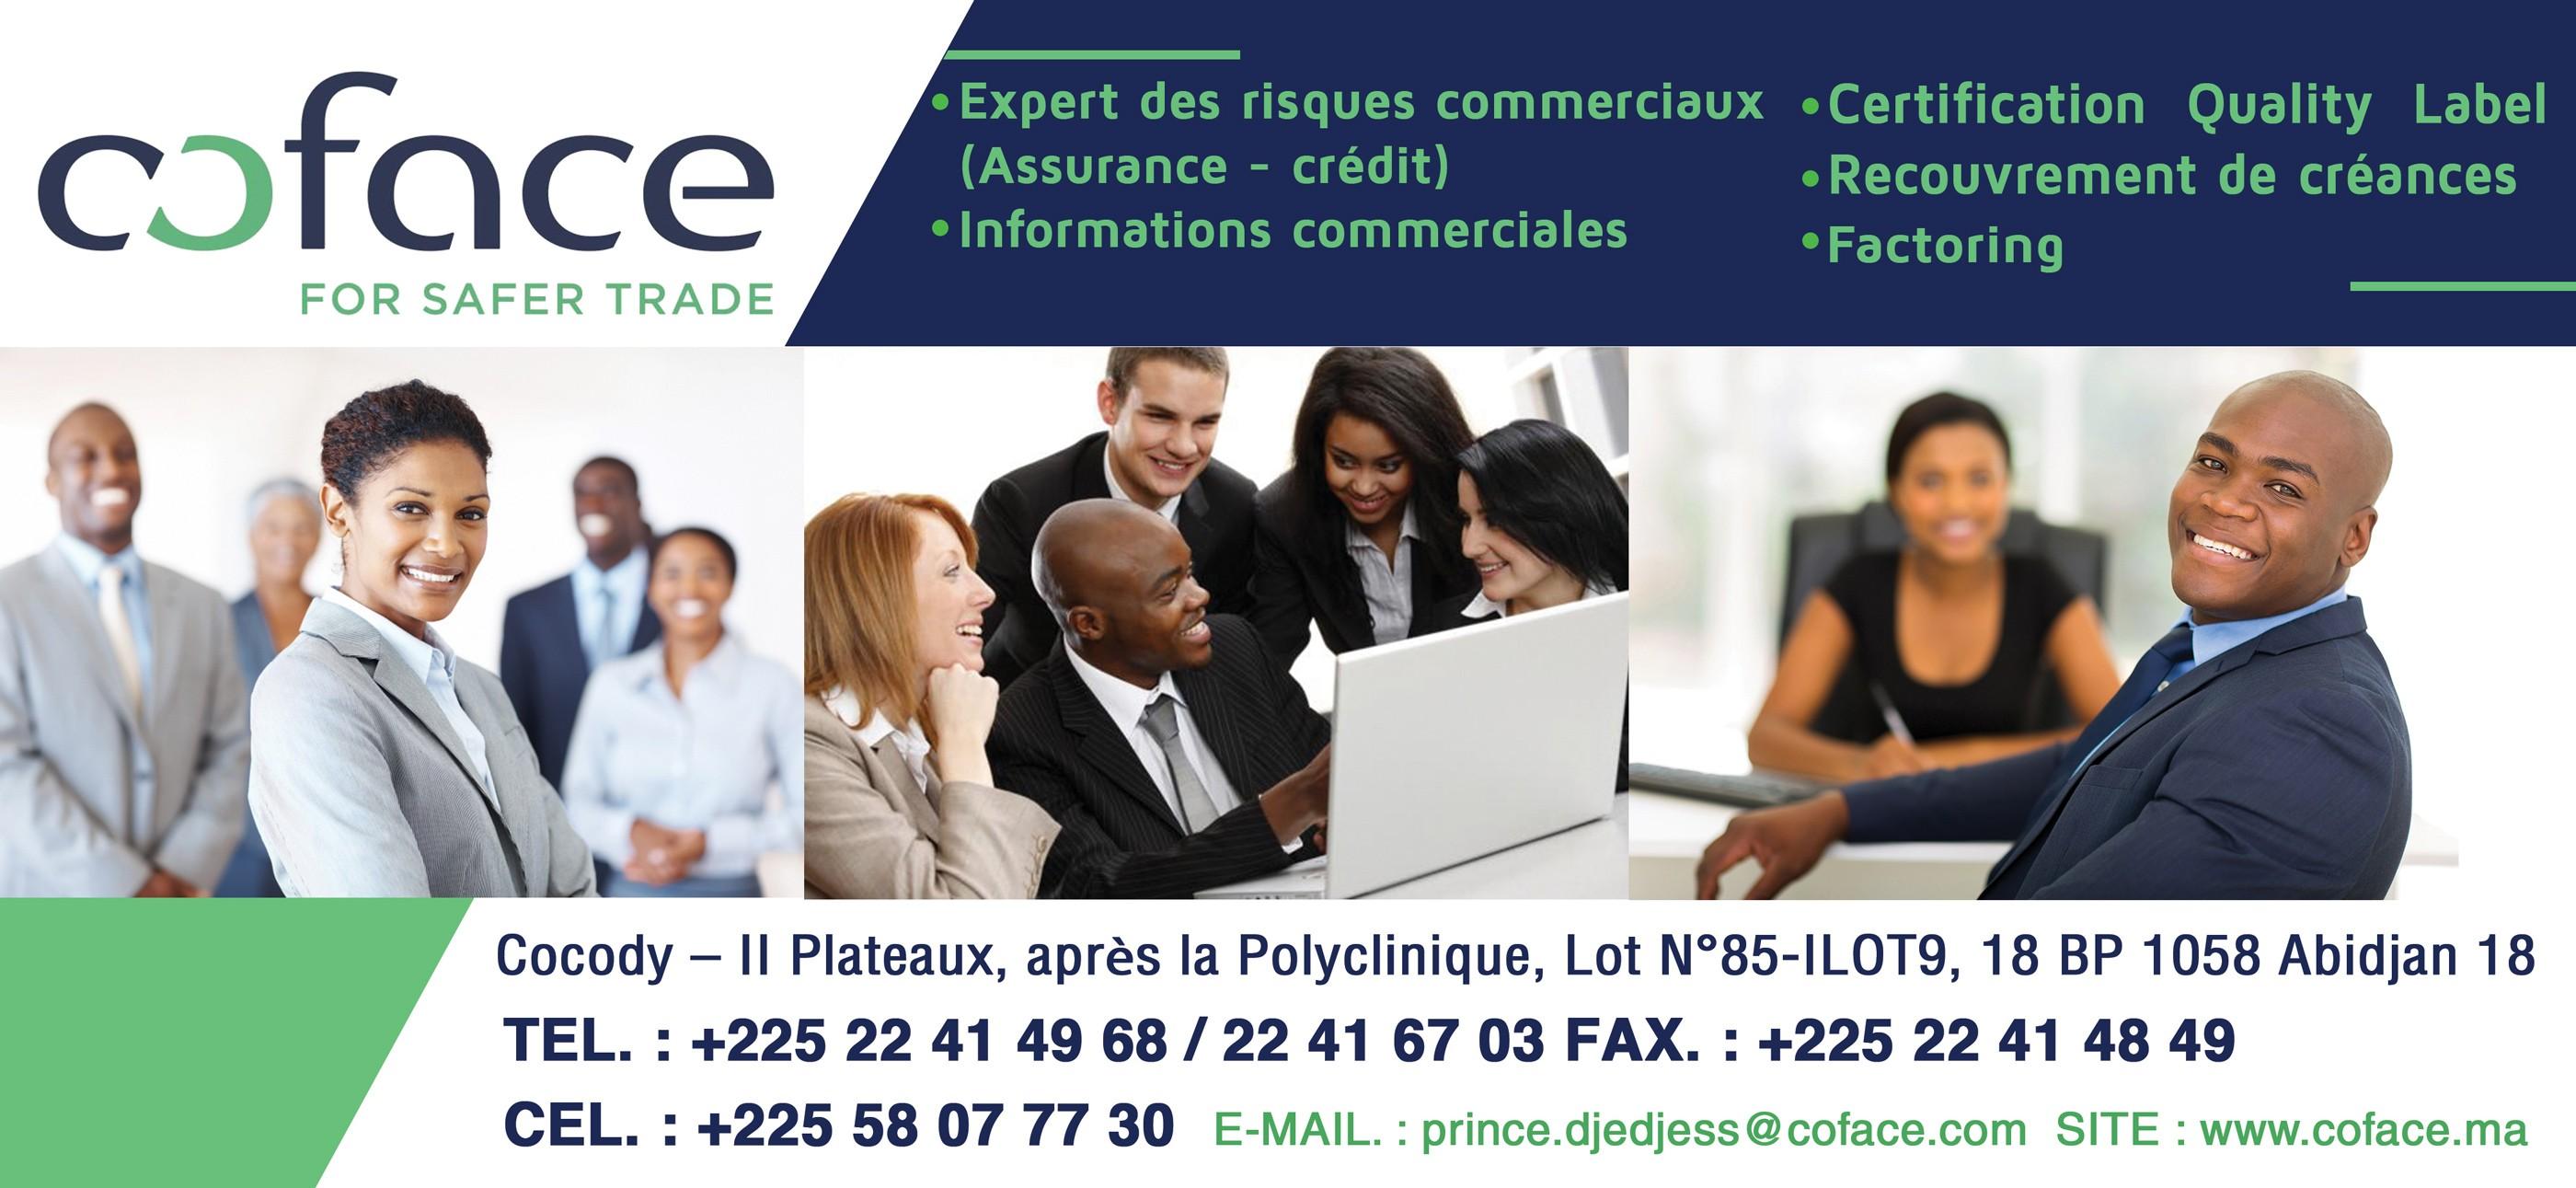 Coface compagnie francaise d 39 assurance pour le commerce for Compagnie francaise d assurance pour le commerce exterieur